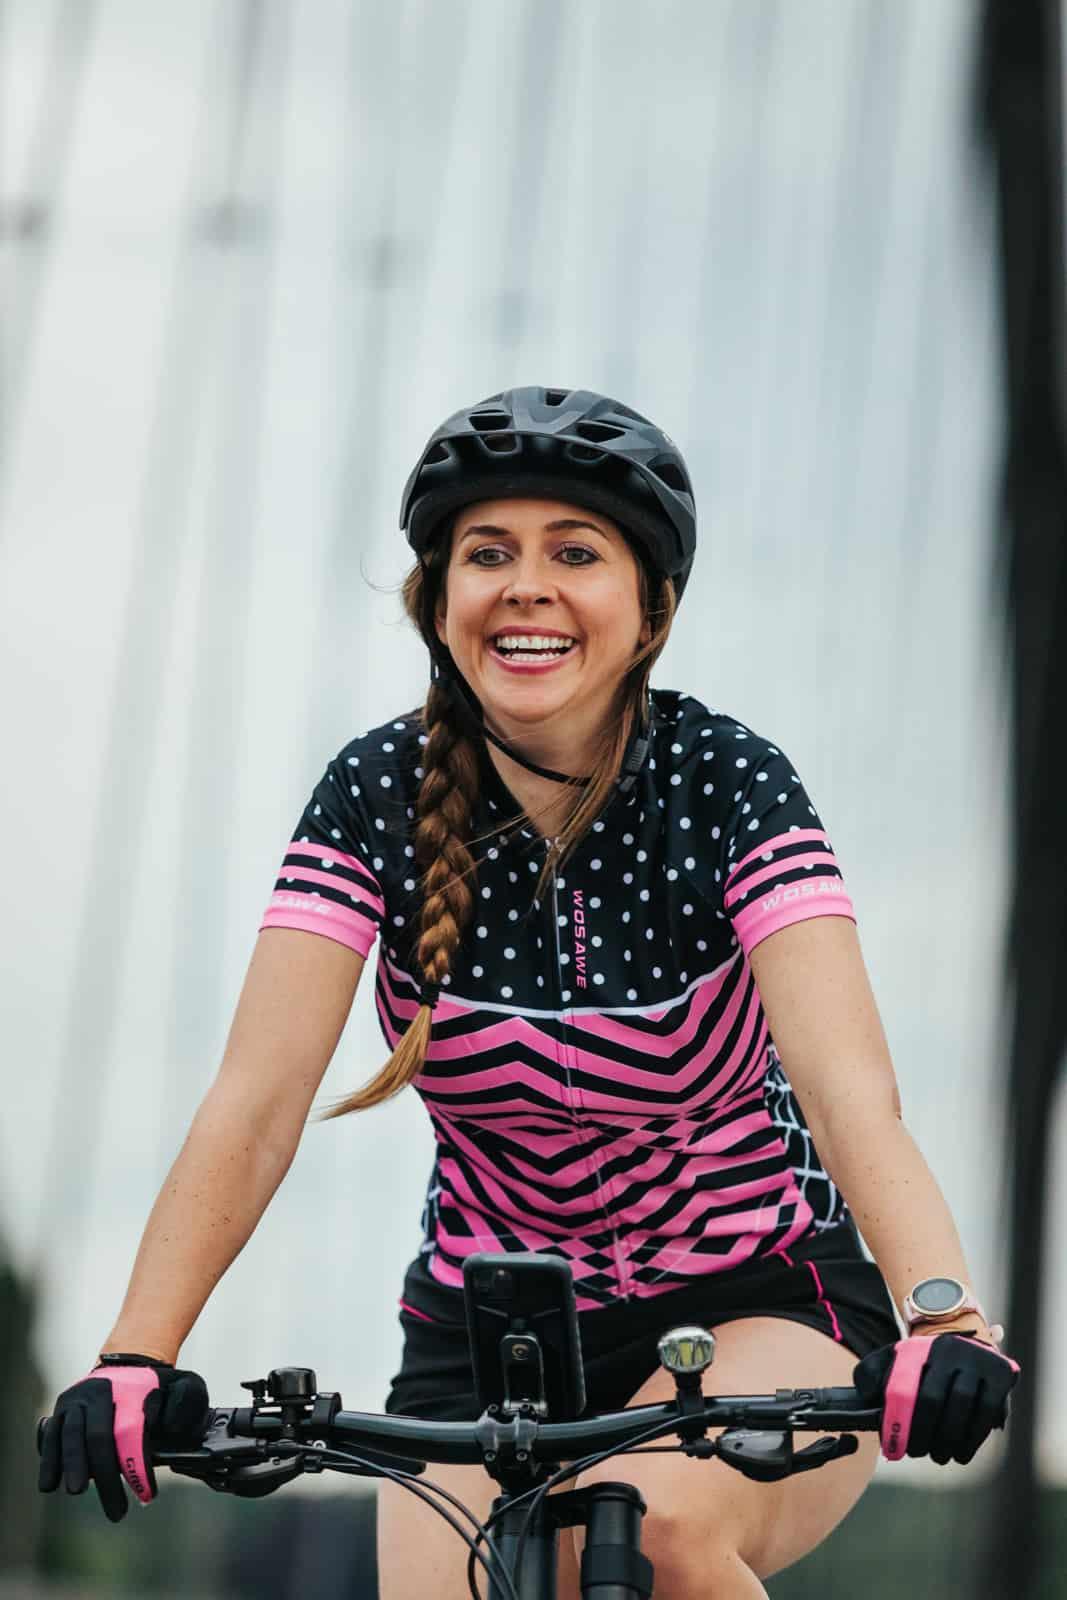 Frau fährt lachend mit pinkem Fahrradoberteil und Cannondale Fahrrad in Frankfurt